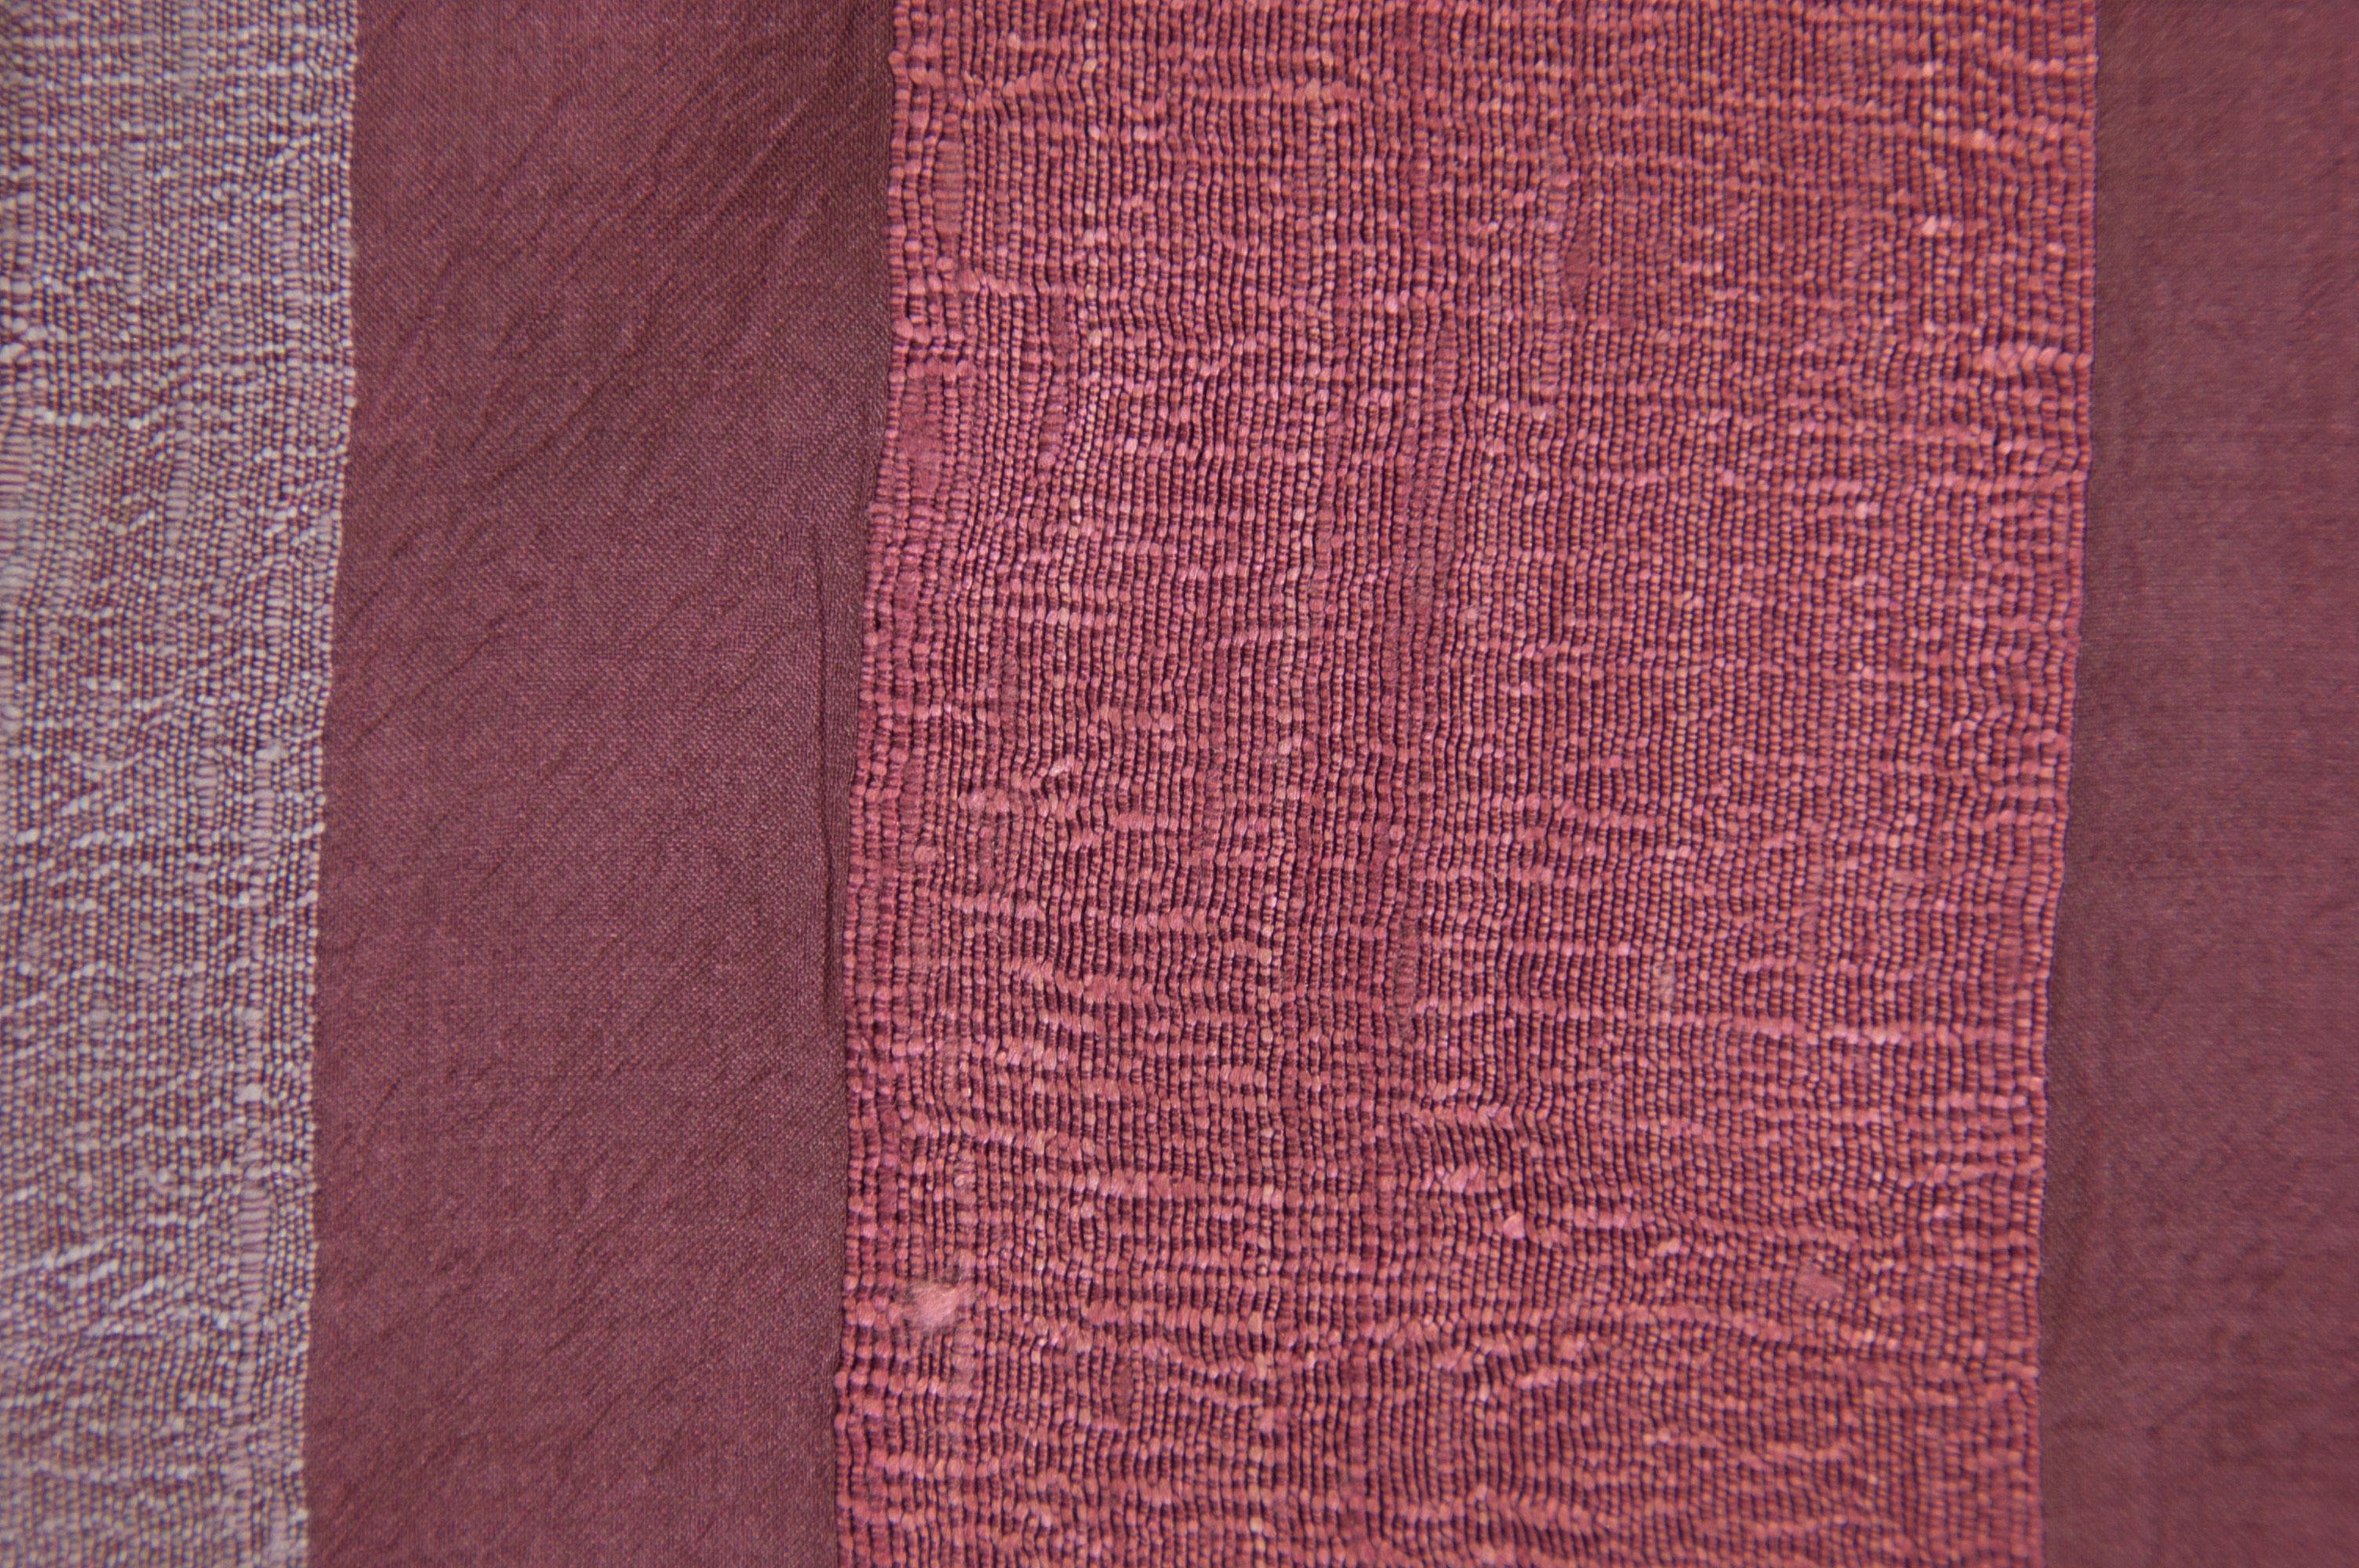 Zijden sjaal in wijnrood